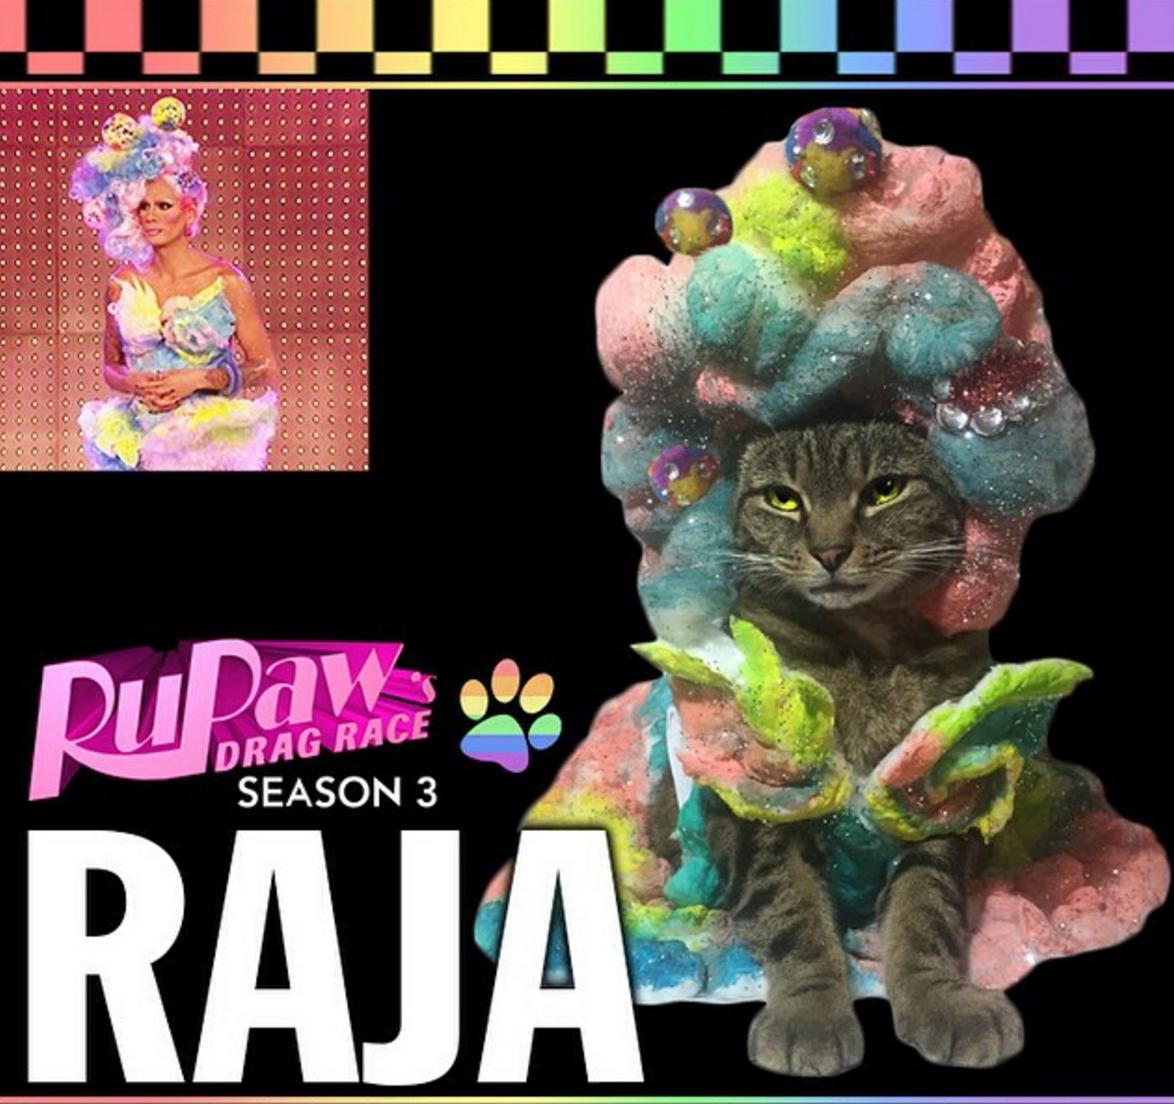 rupaws drag race